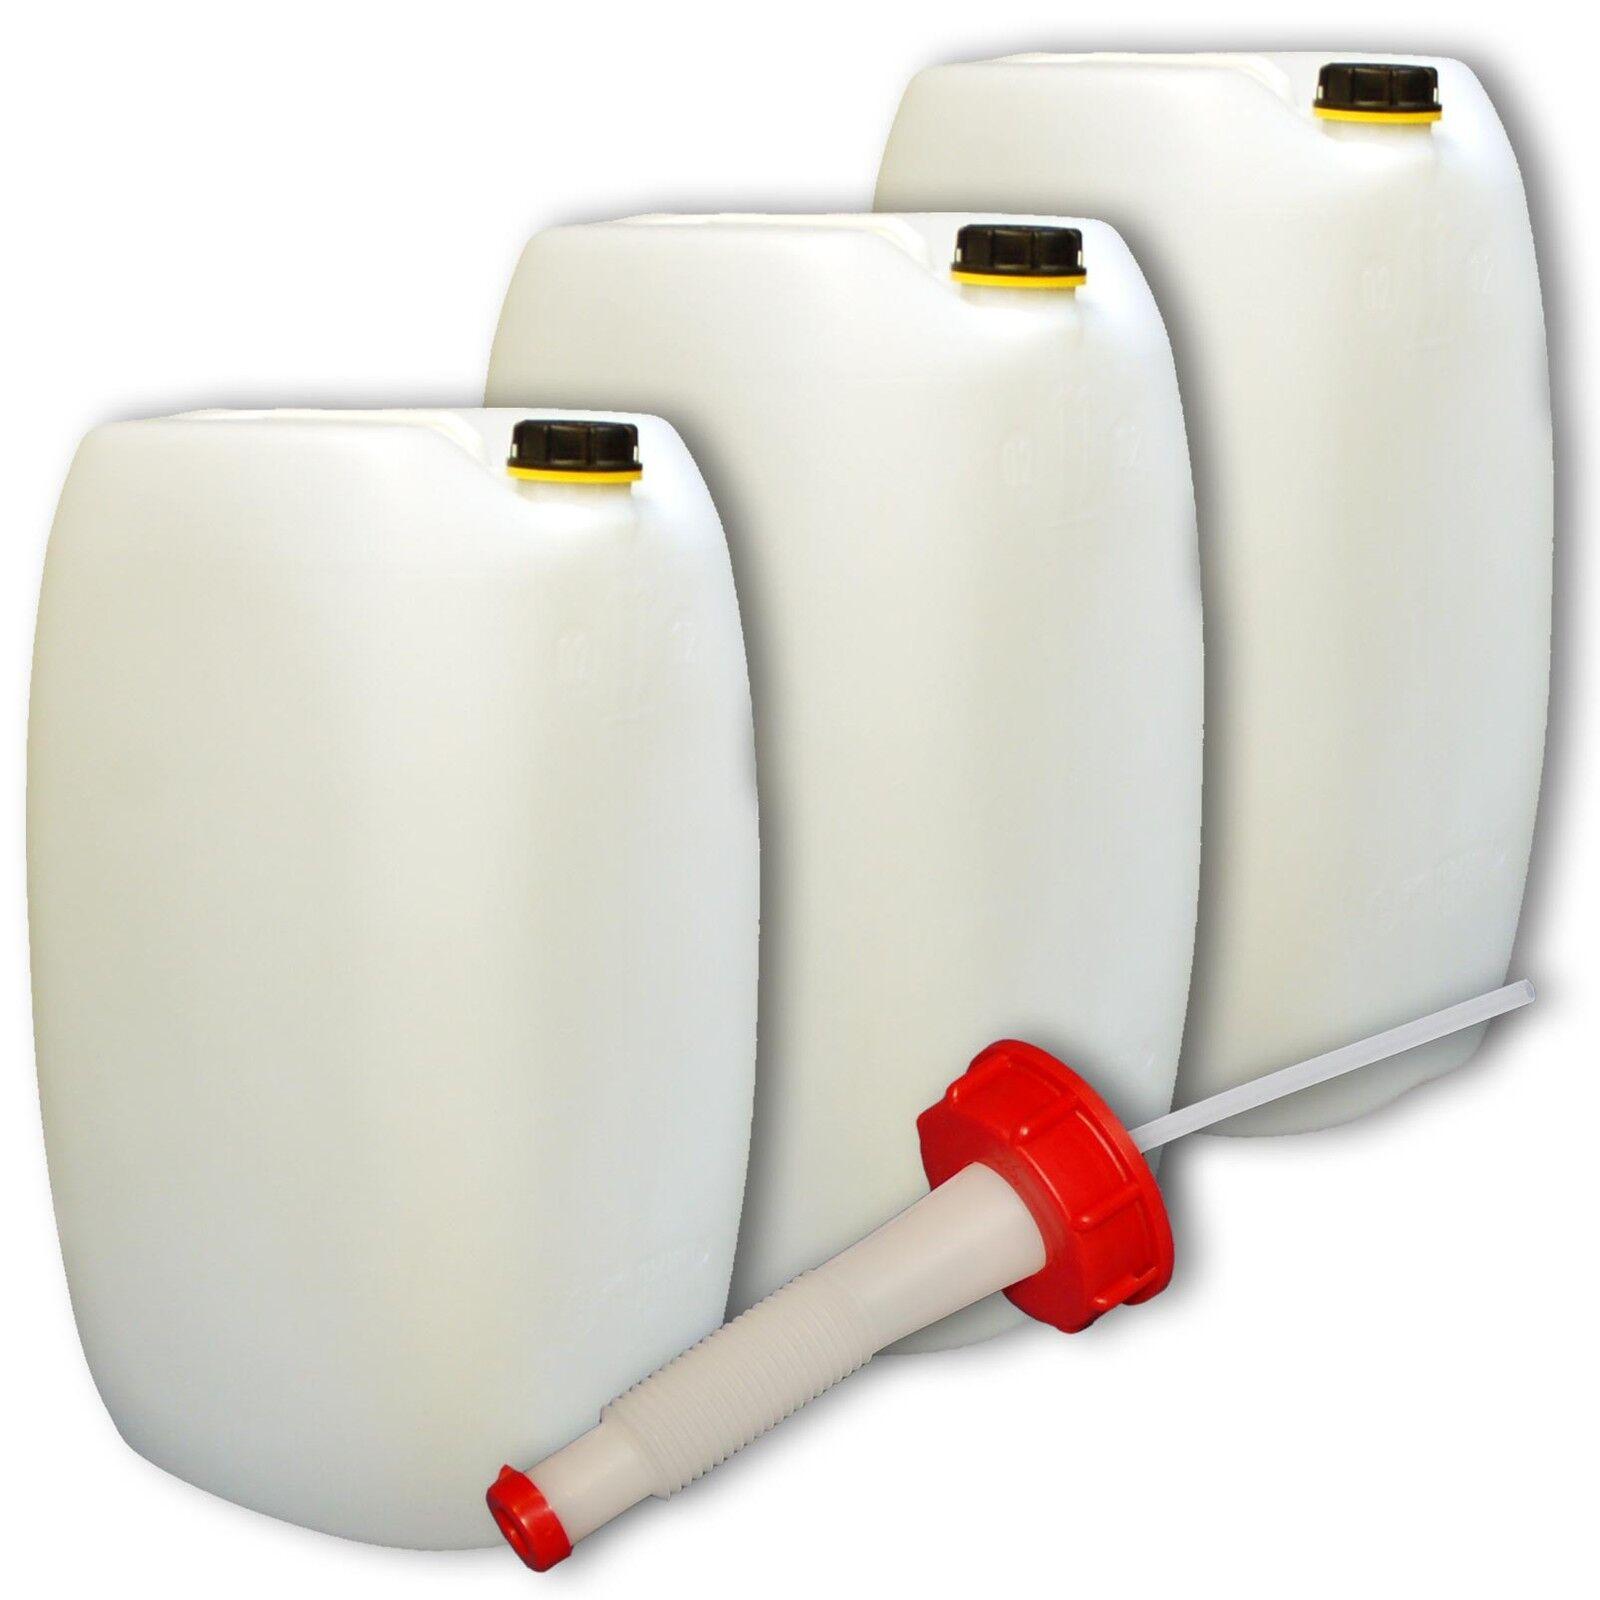 Bidon plastique 60 L DIN 61 Alimentaire +1 Bec verseur flexible PEHD Alimentaire 61 (22249+020) 1eef70